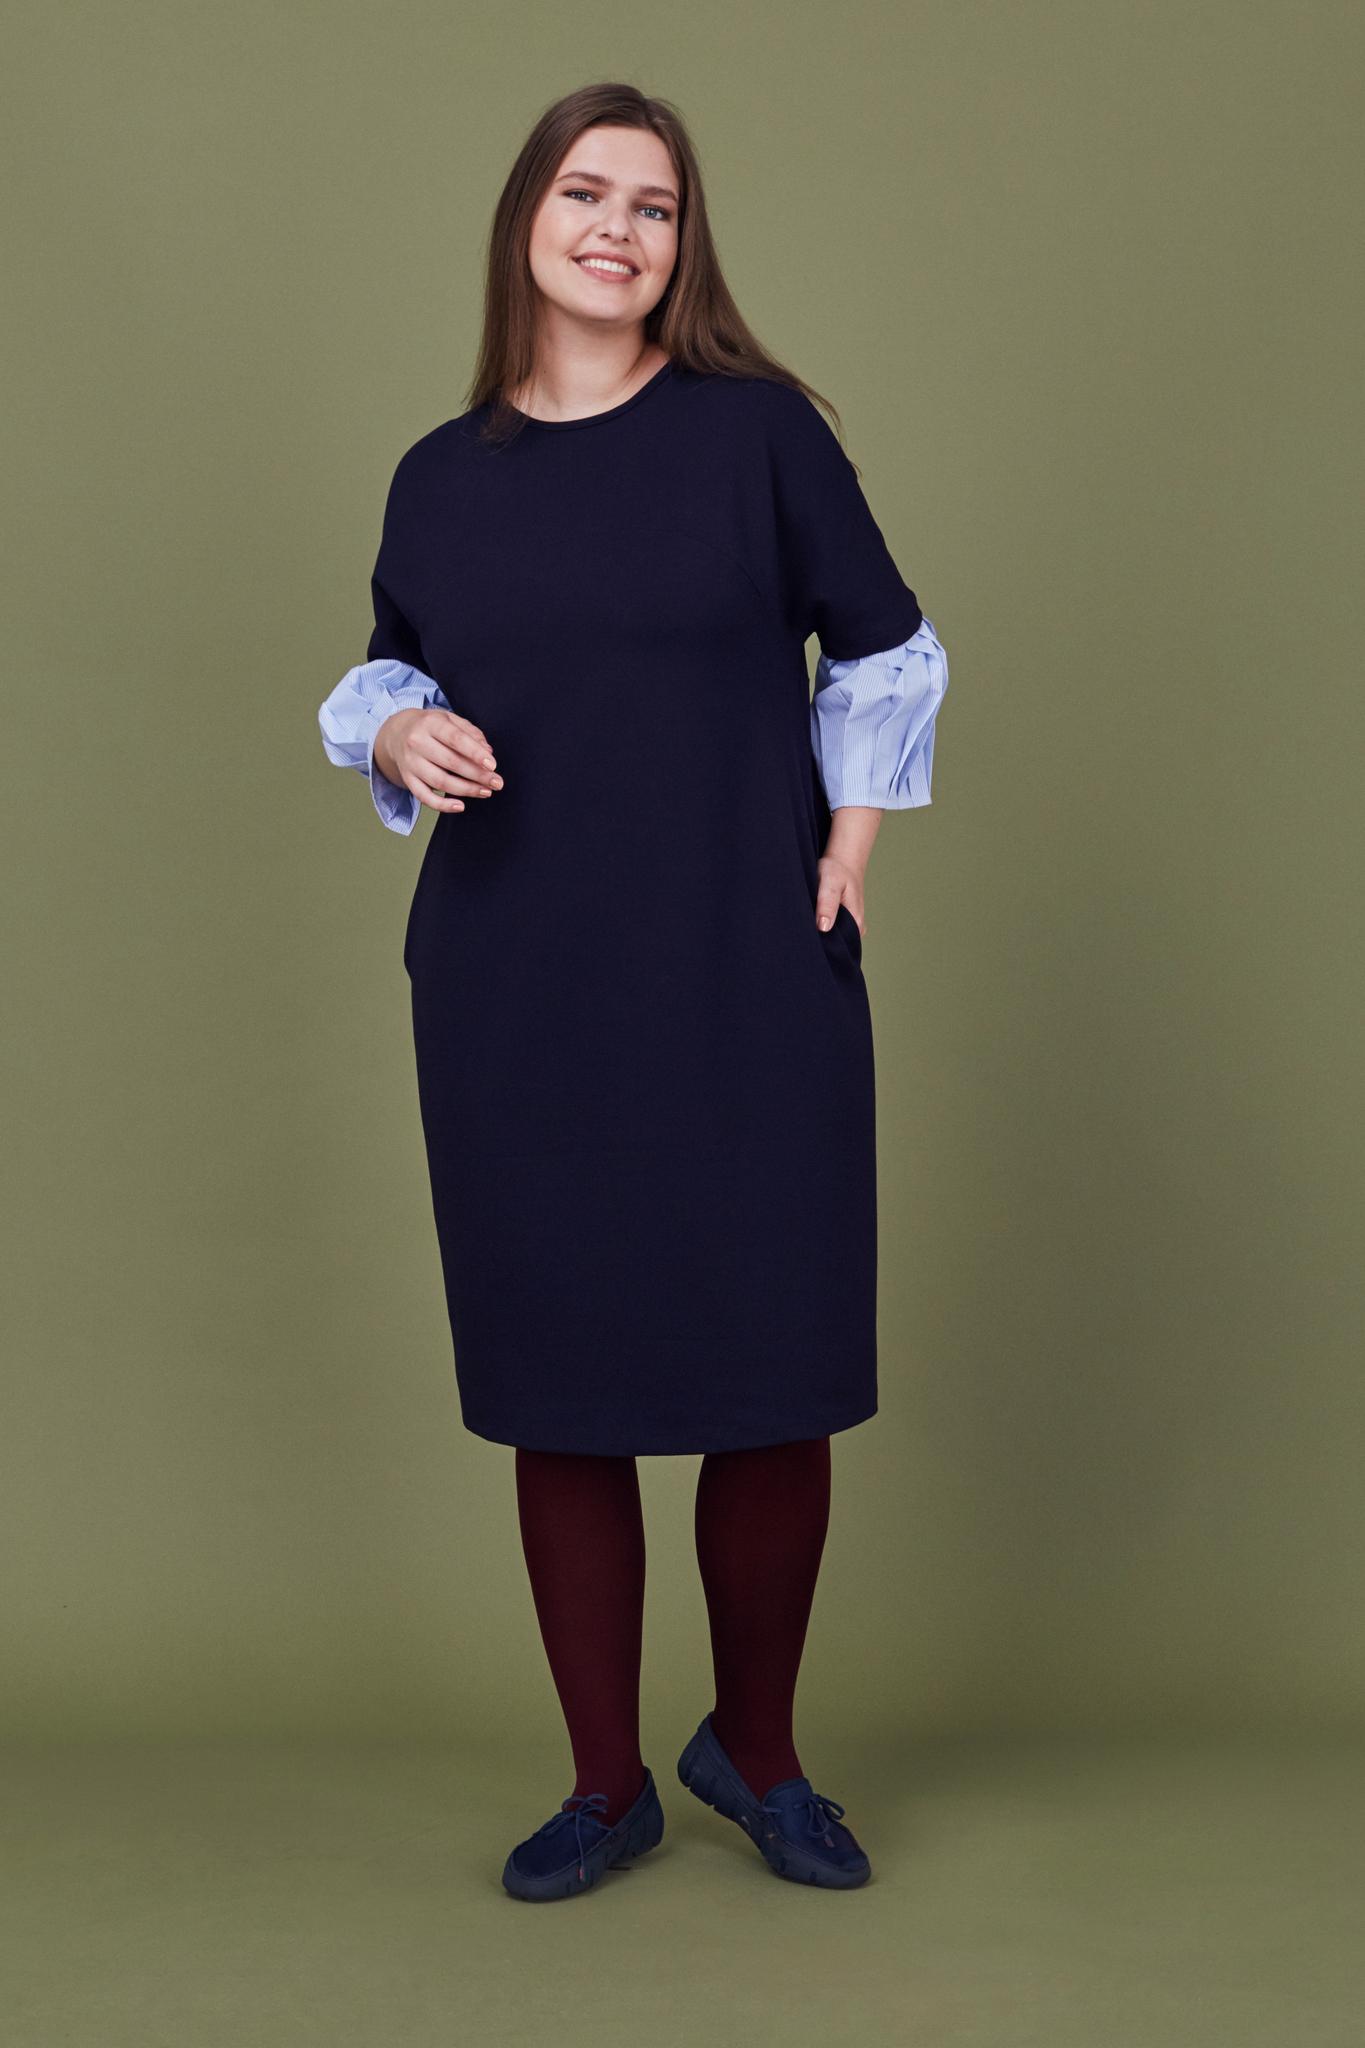 Платье LE-07 D03 31Сейчас покупают<br>Платье А-силуэта из плотного мягкого джерси, чуть ниже колена с рукавами из контрасного плотного хлопка, заллженного в складку. Карманы в боковых швах, длина рукава 5/6. Идеально для офиса и вылазок в свет. Прекрасно сочетается с любой обувью и аксессуарами .Рост модели на фото 178 см, размер 54 (российский).<br>